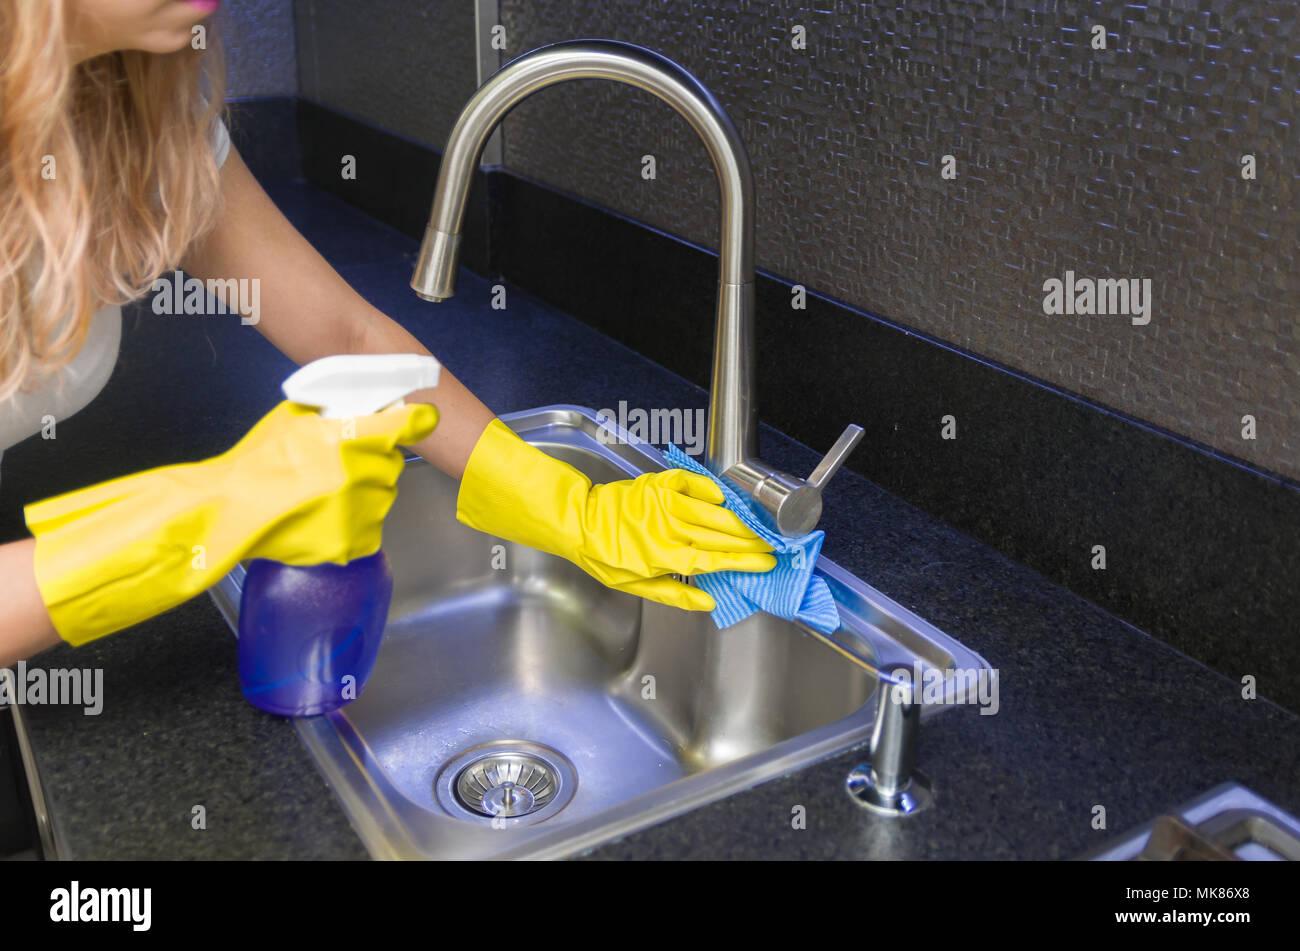 Gran concepto de limpieza doméstica, mujer de limpiar el fregadero. Imagen De Stock